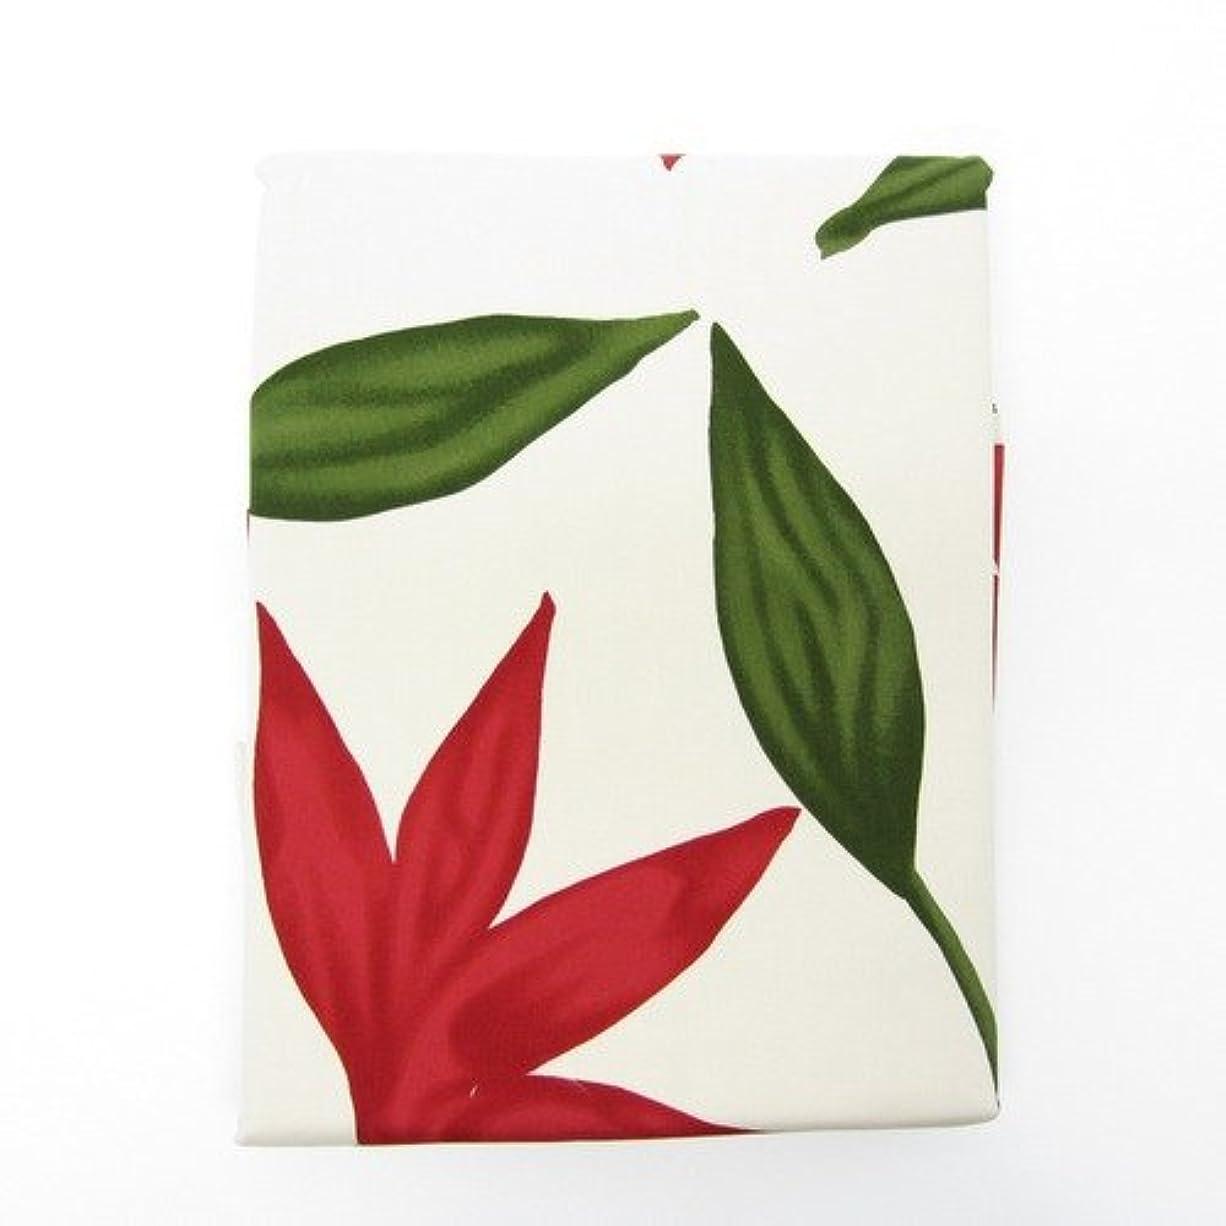 受け取るマットレス週間Sybillaシビラ掛けふとんカバー フローレス シングルサイズ150×210cm ベージュ